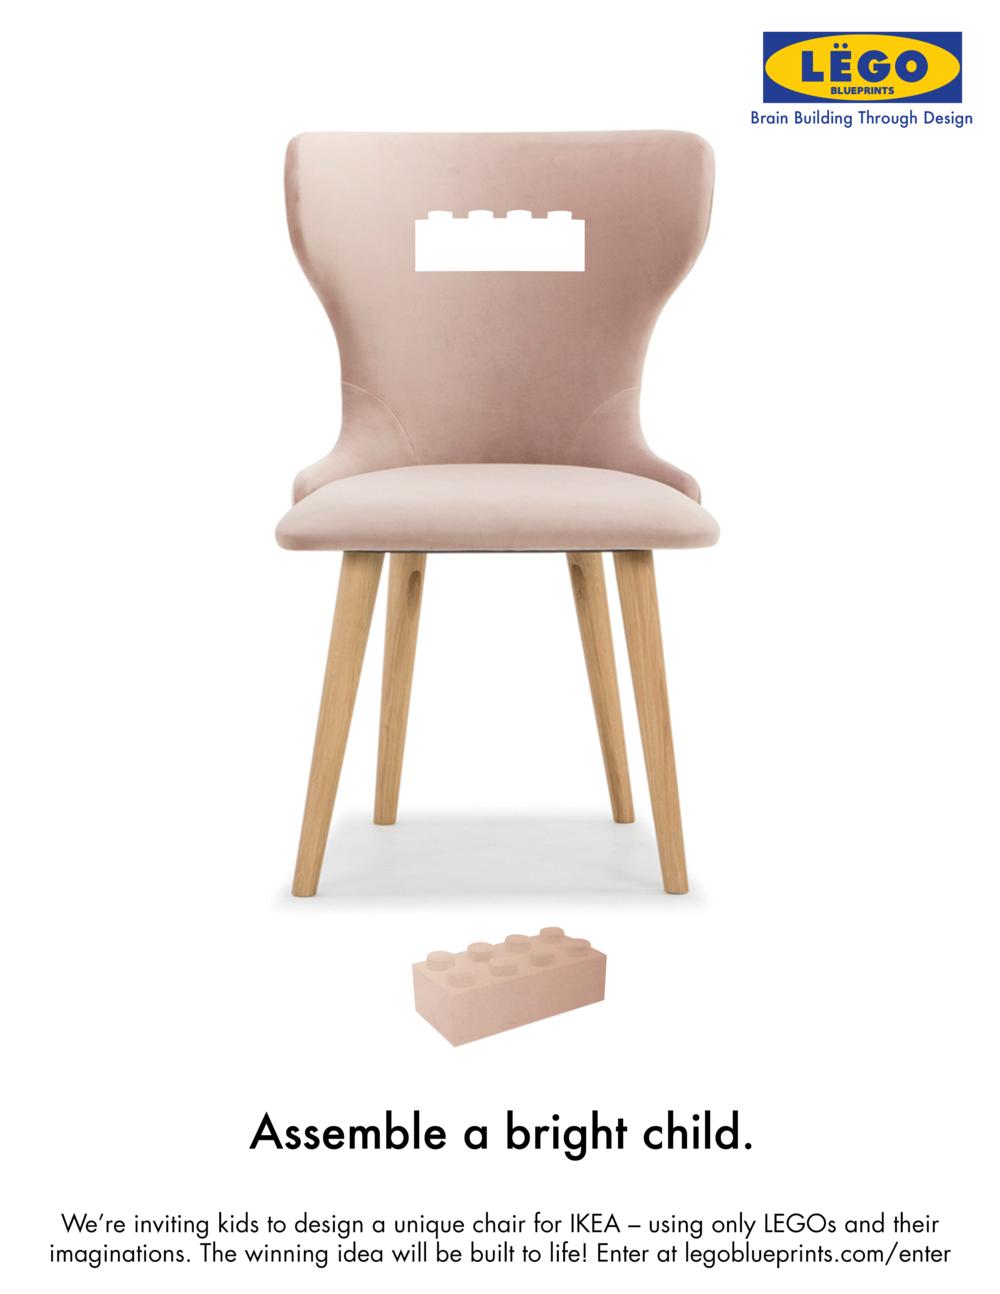 LËGO+Chair+4.png